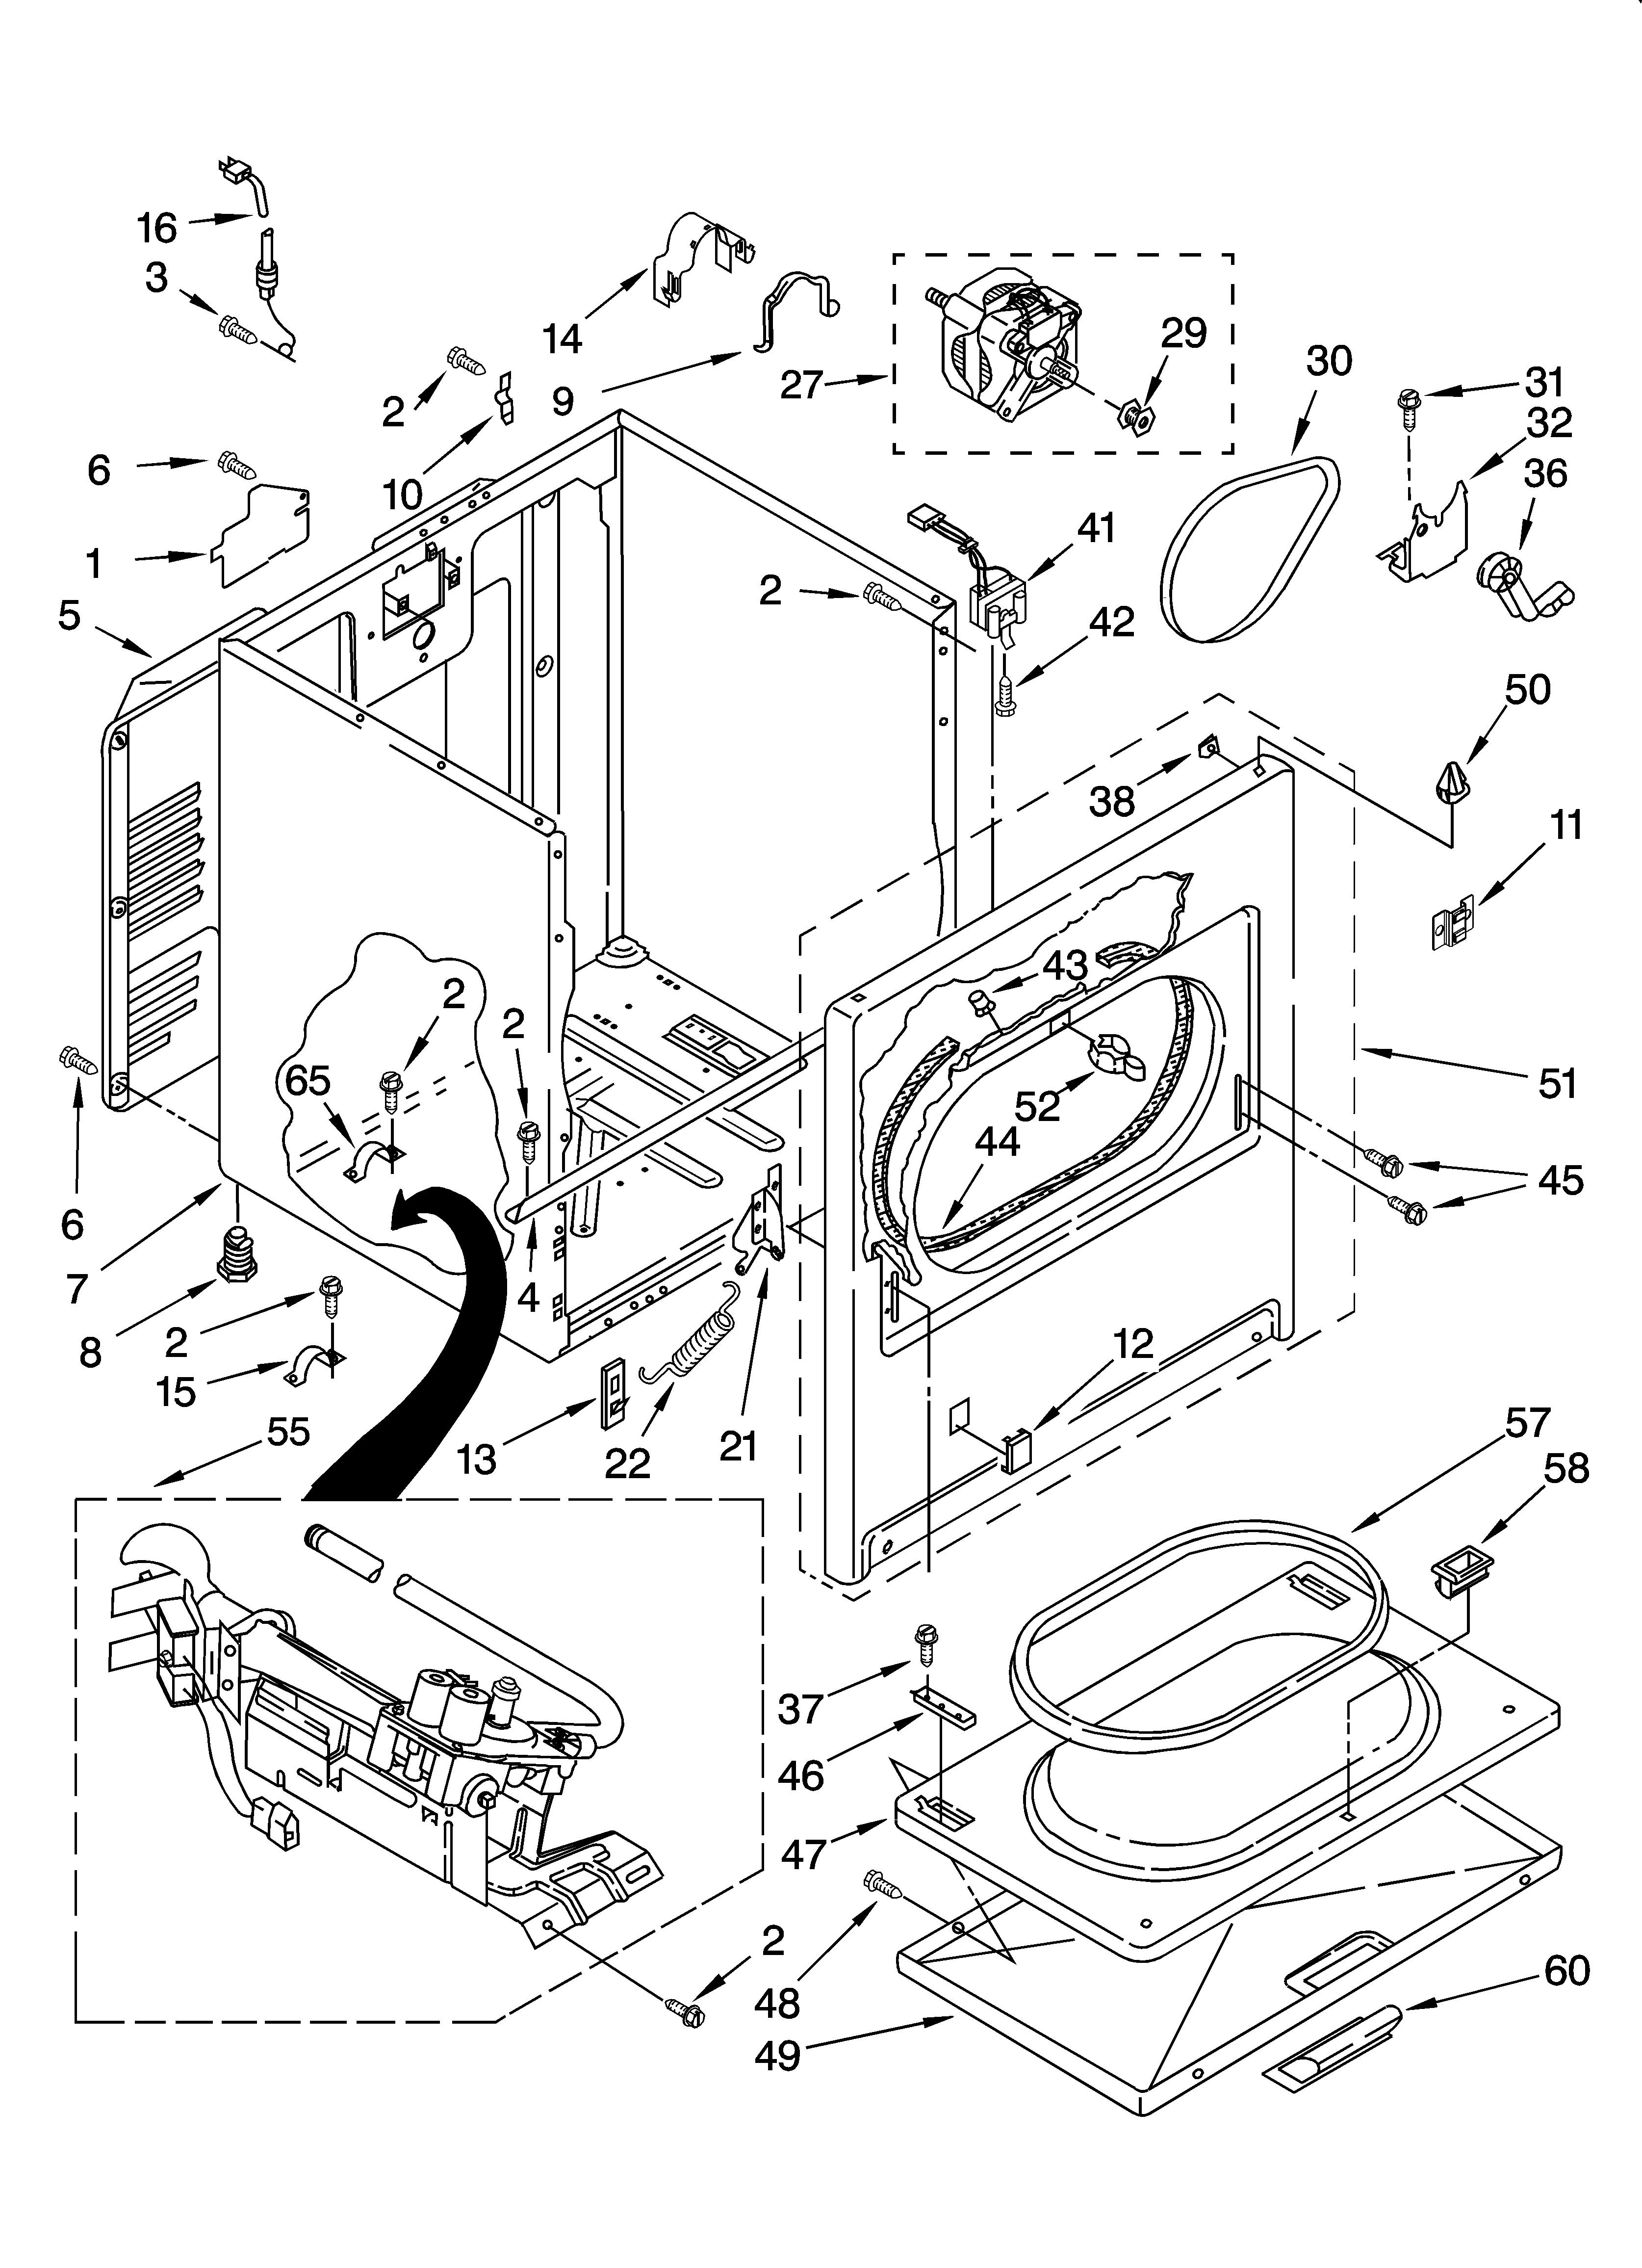 Wiring Diagram For Kenmore Dryer Model 110 77622600 Free Download Drum Belt Genuine Oem